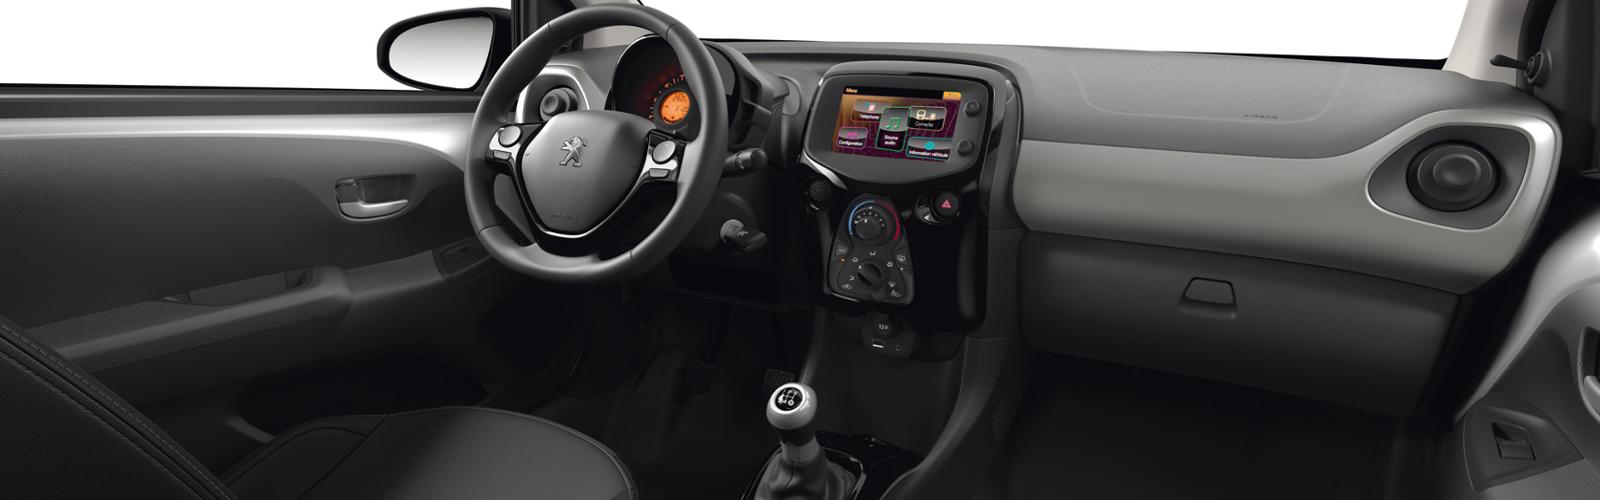 Interior Peugeot 108